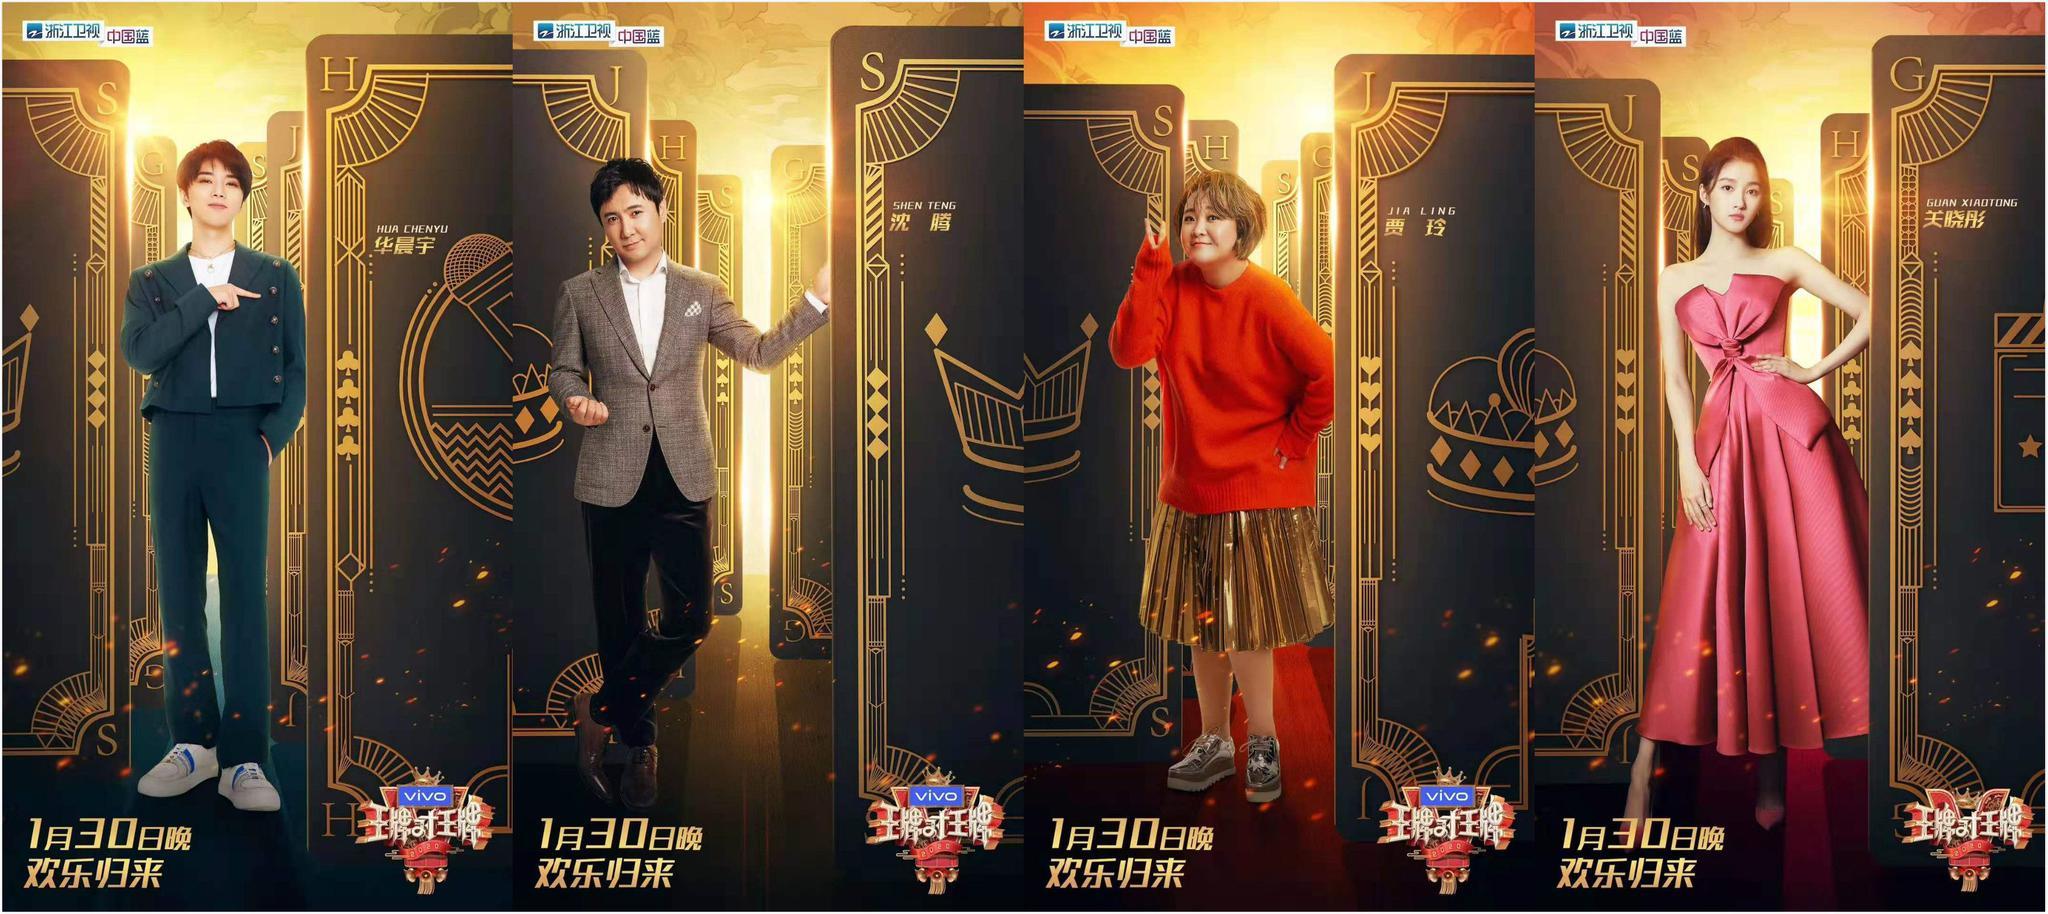 《王牌对王牌5》1月30日播出,华晨宇关晓彤悉数回归图片